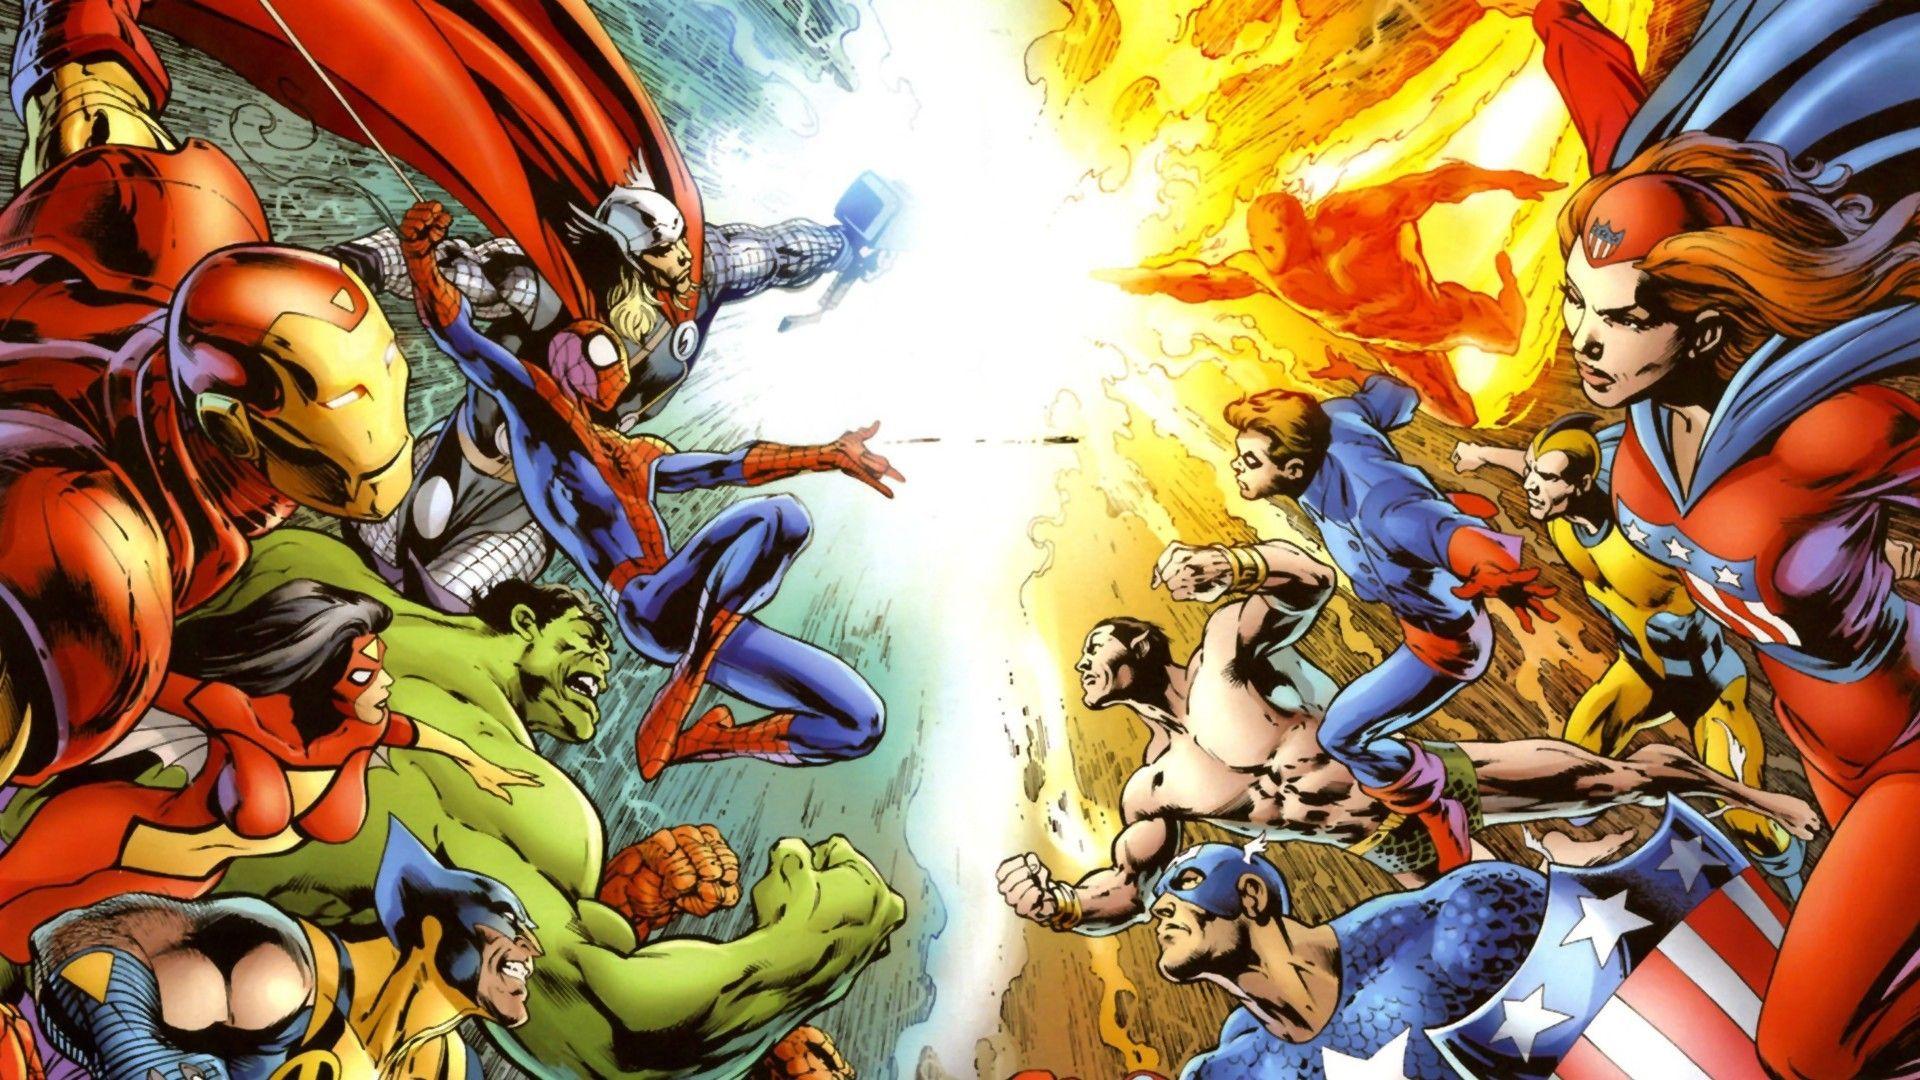 Superheroes Wallpapers 1920x1080